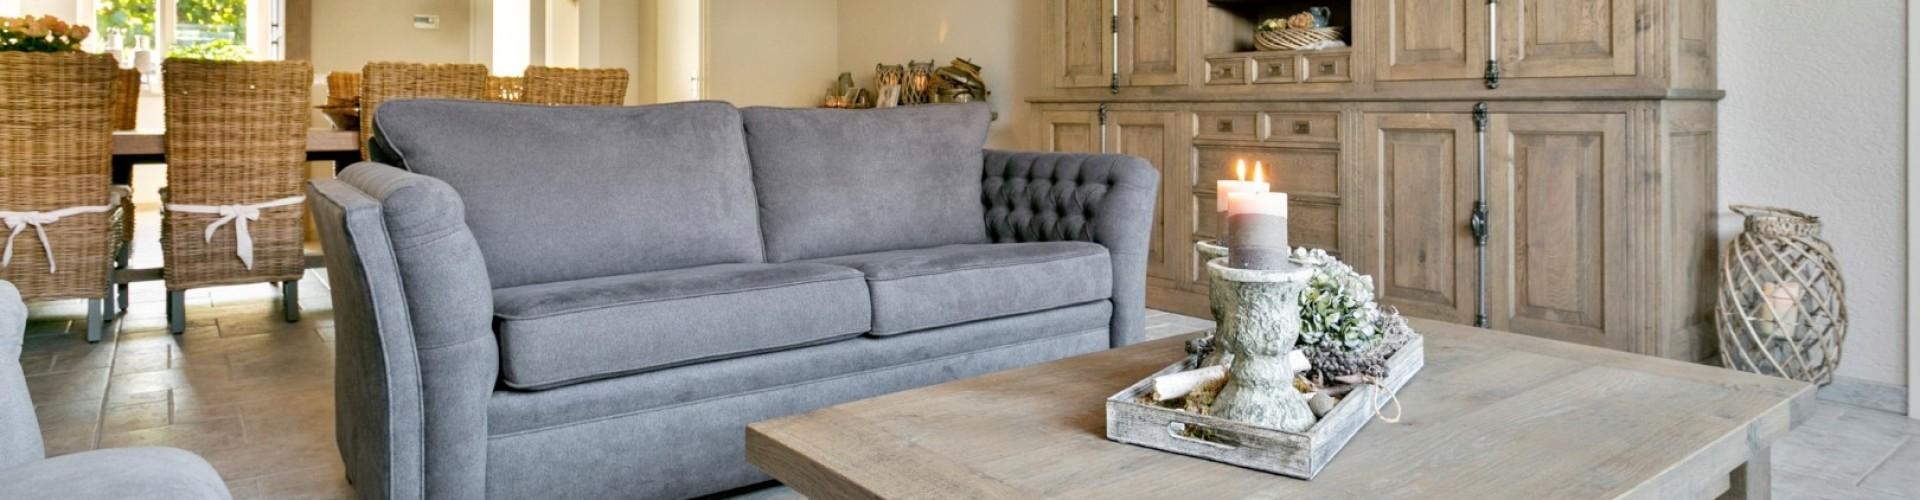 Eiken meubels op maat voor landelijk interieur